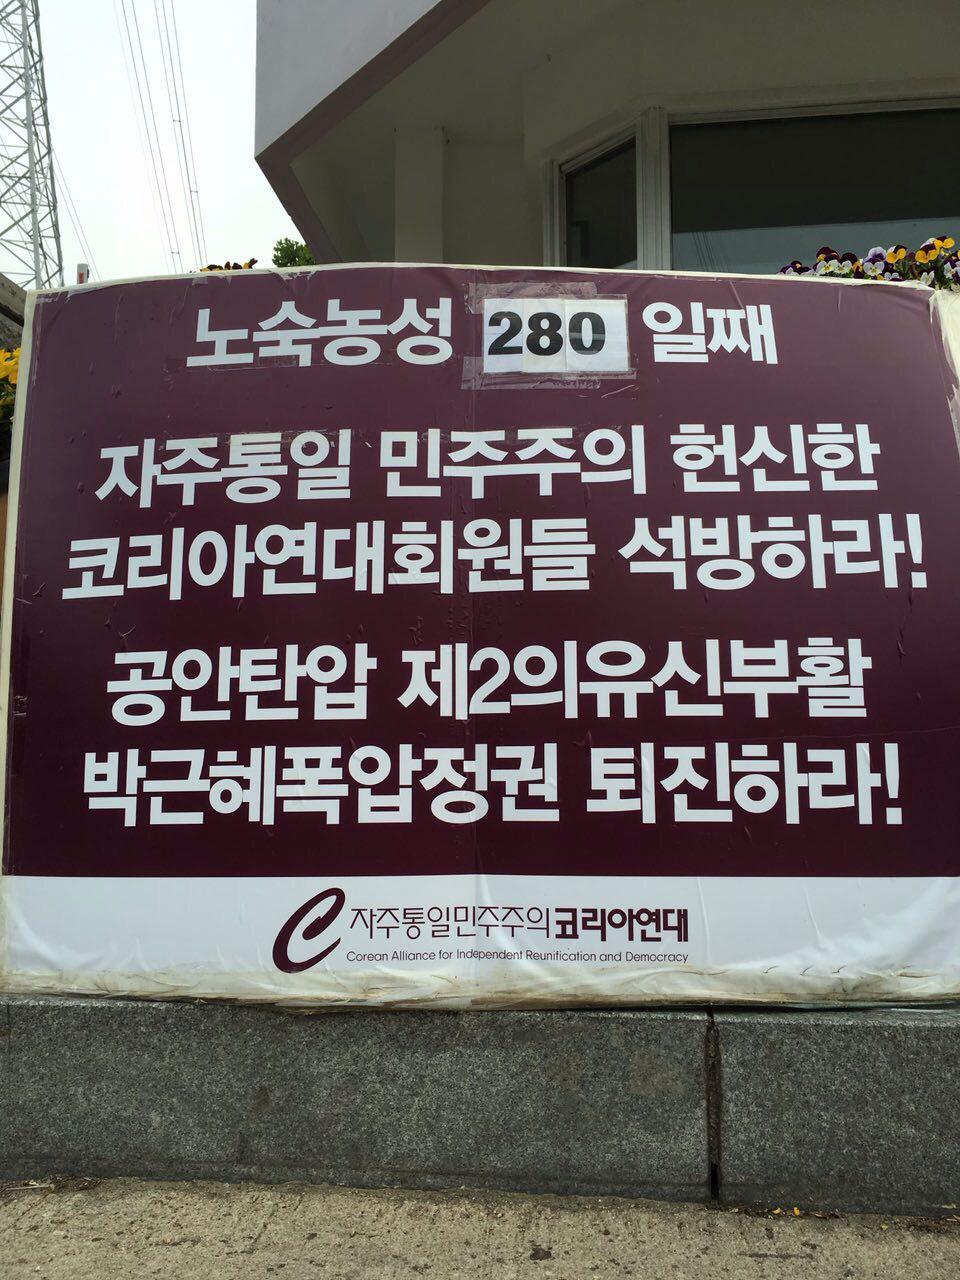 코리아연대,1인시위,서울구치소,280,359.jpg